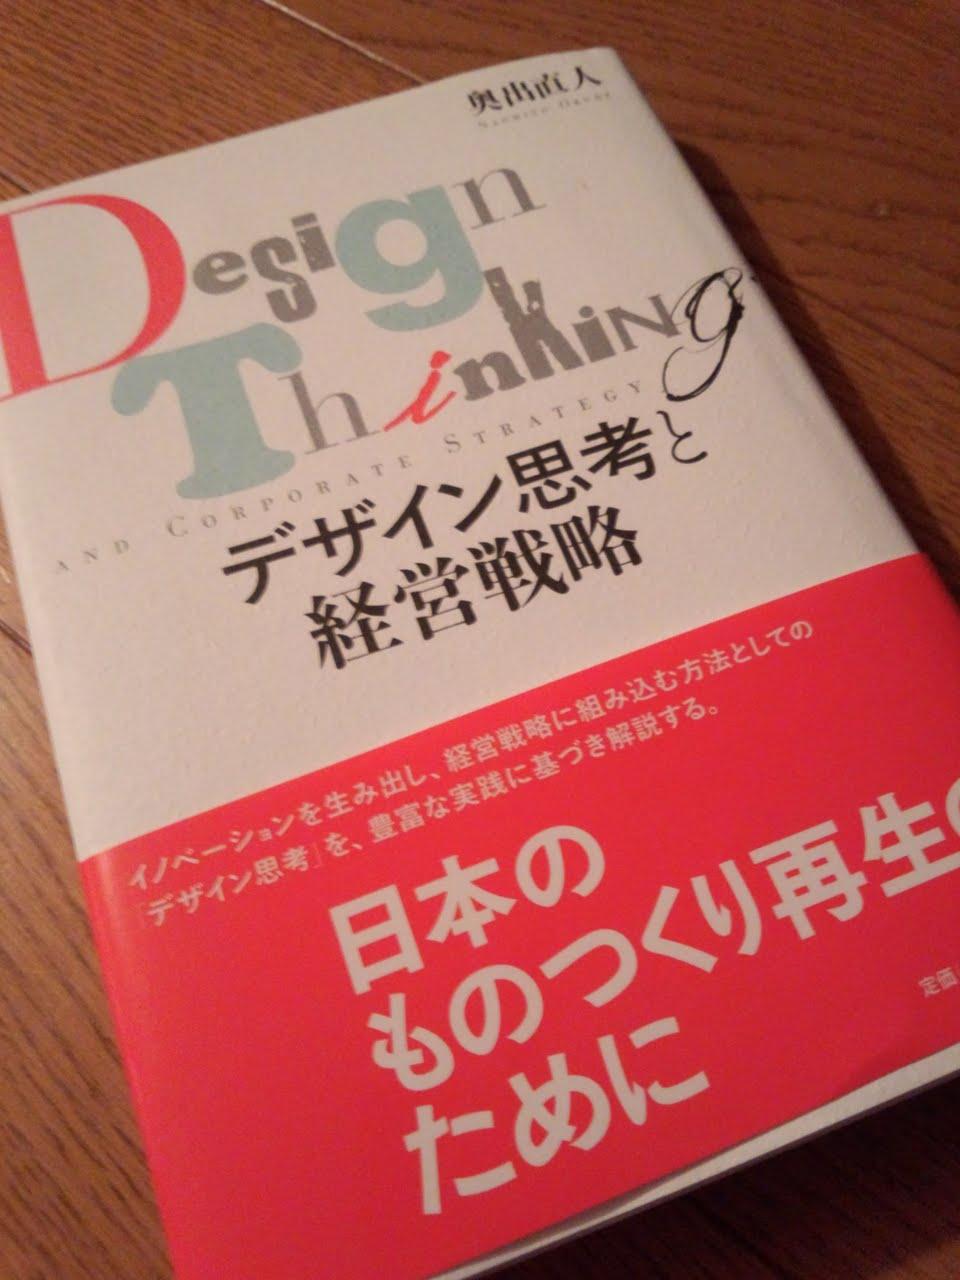 『デザイン思考と経営戦略』_e0123104_5411626.jpg